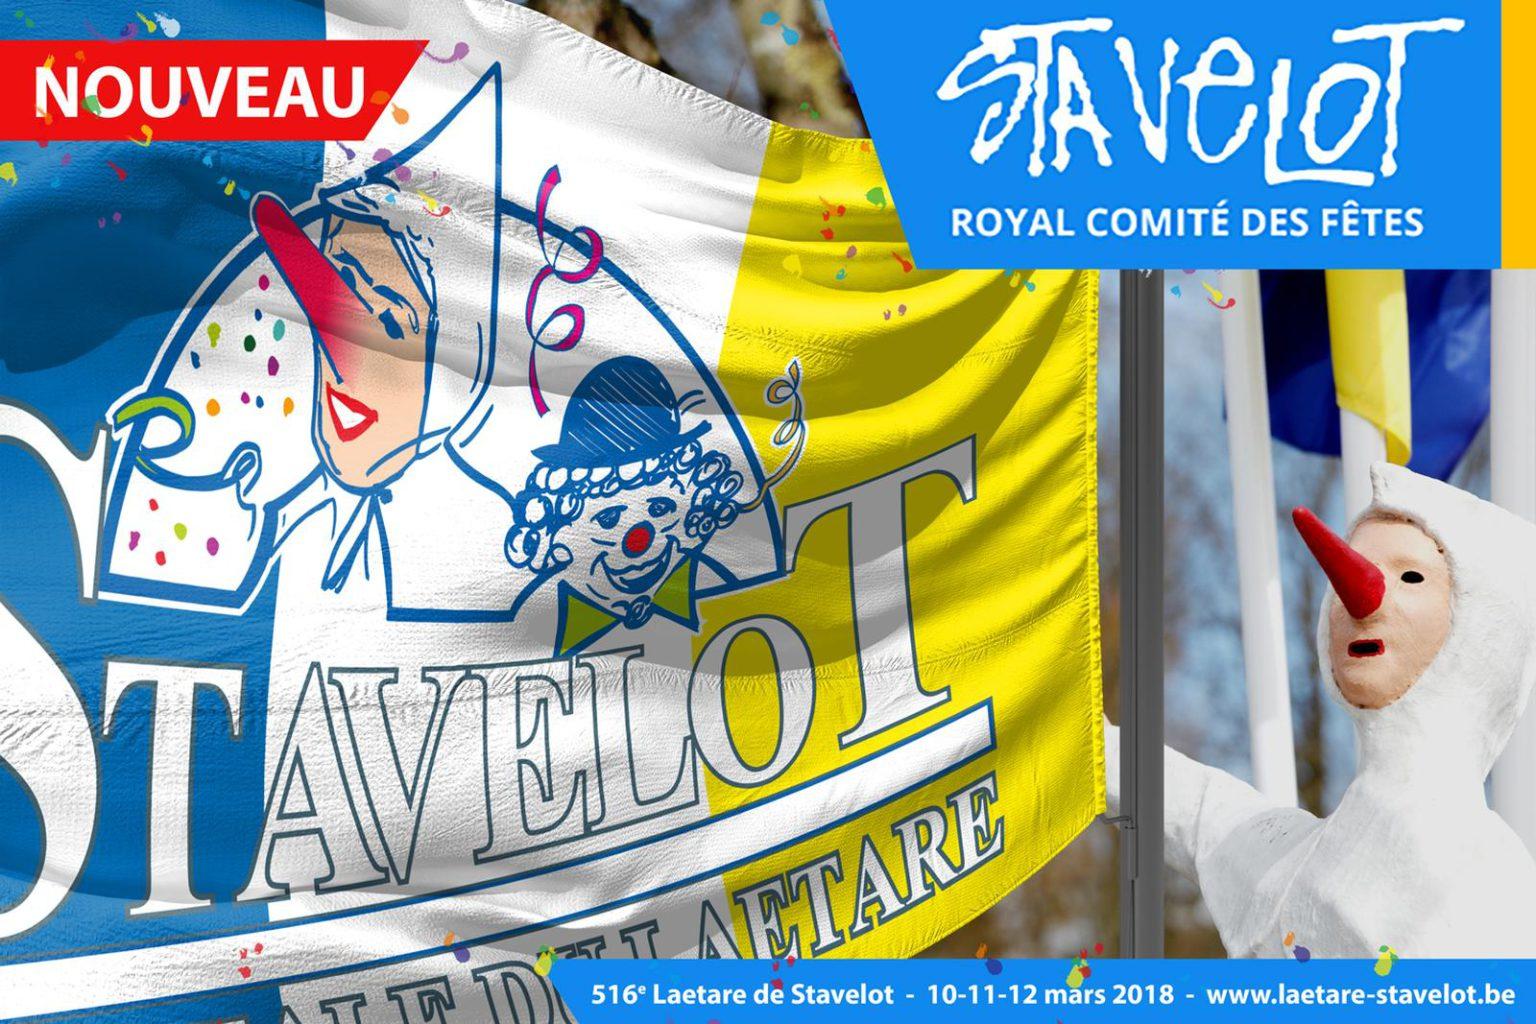 Comite-Festes-Laetare-Stavelot-Nouveaux-Drapeaux-2018